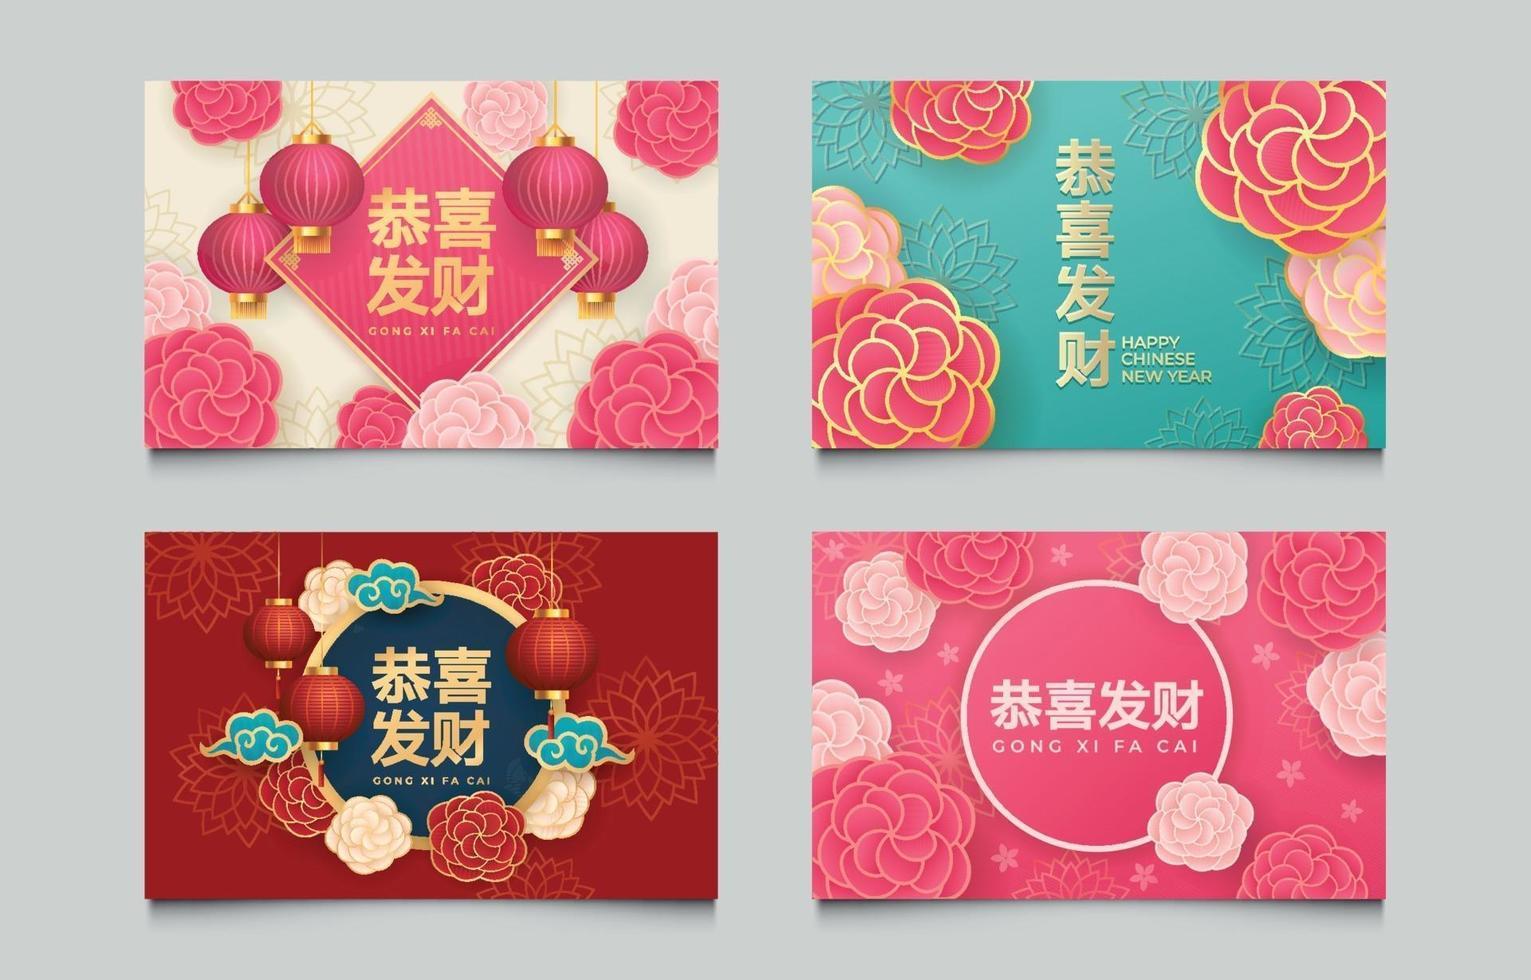 uppsättning kinesiska nyårskort skrivna på kinesiska vektor